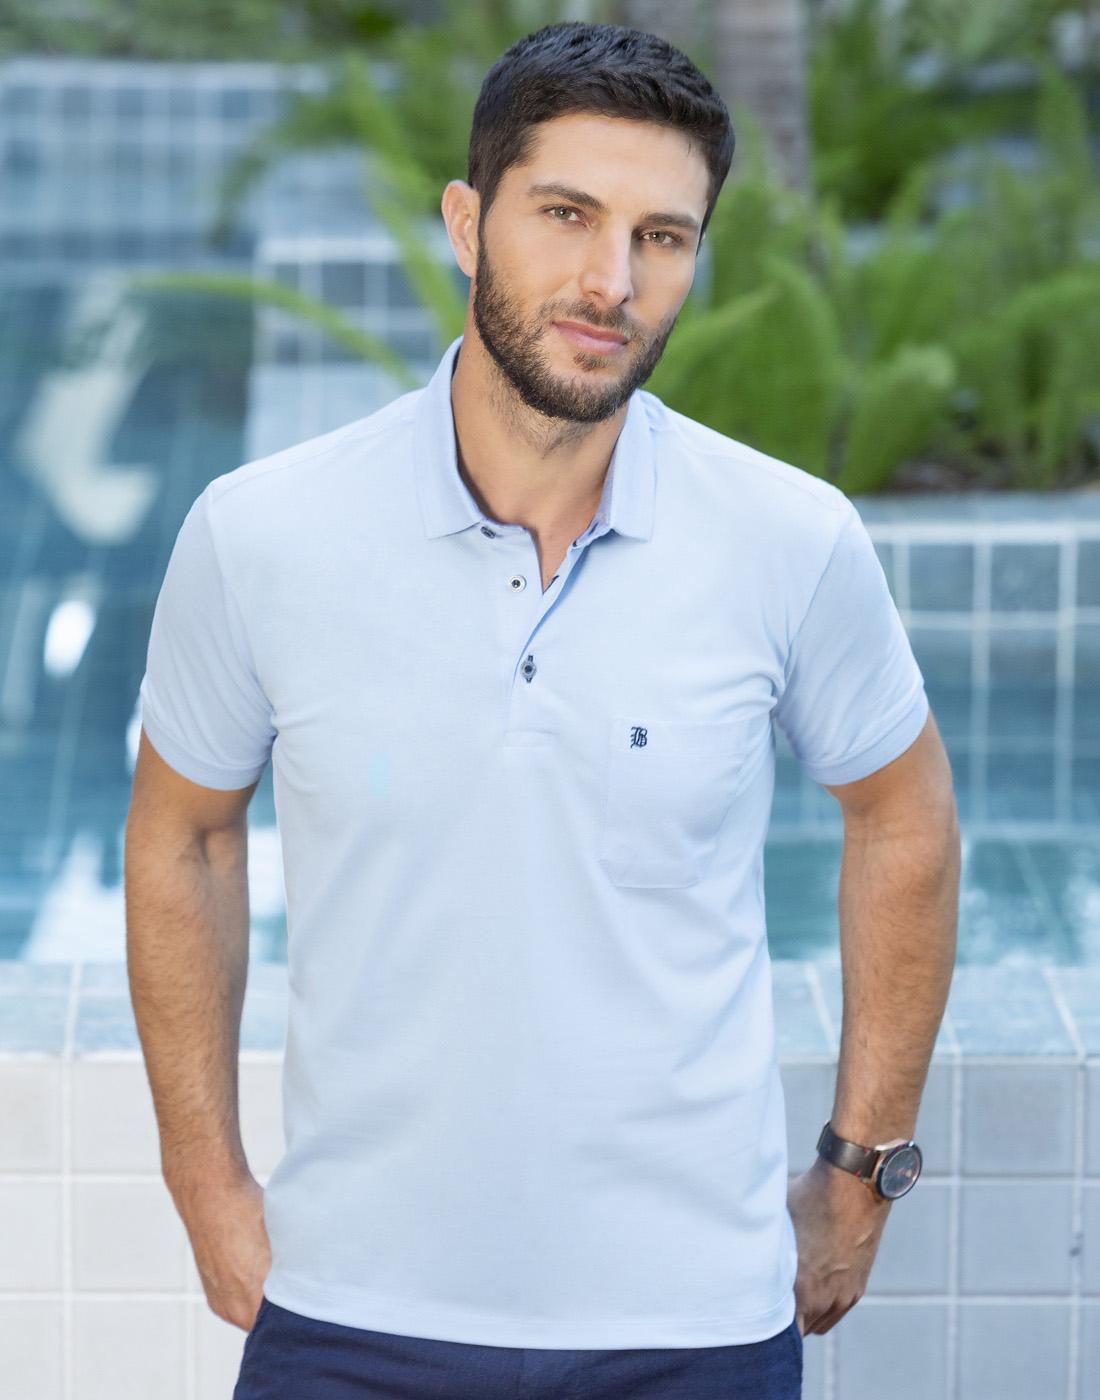 Camiseta Polo Estampada Plus com Bolso Azul - Baumgarten